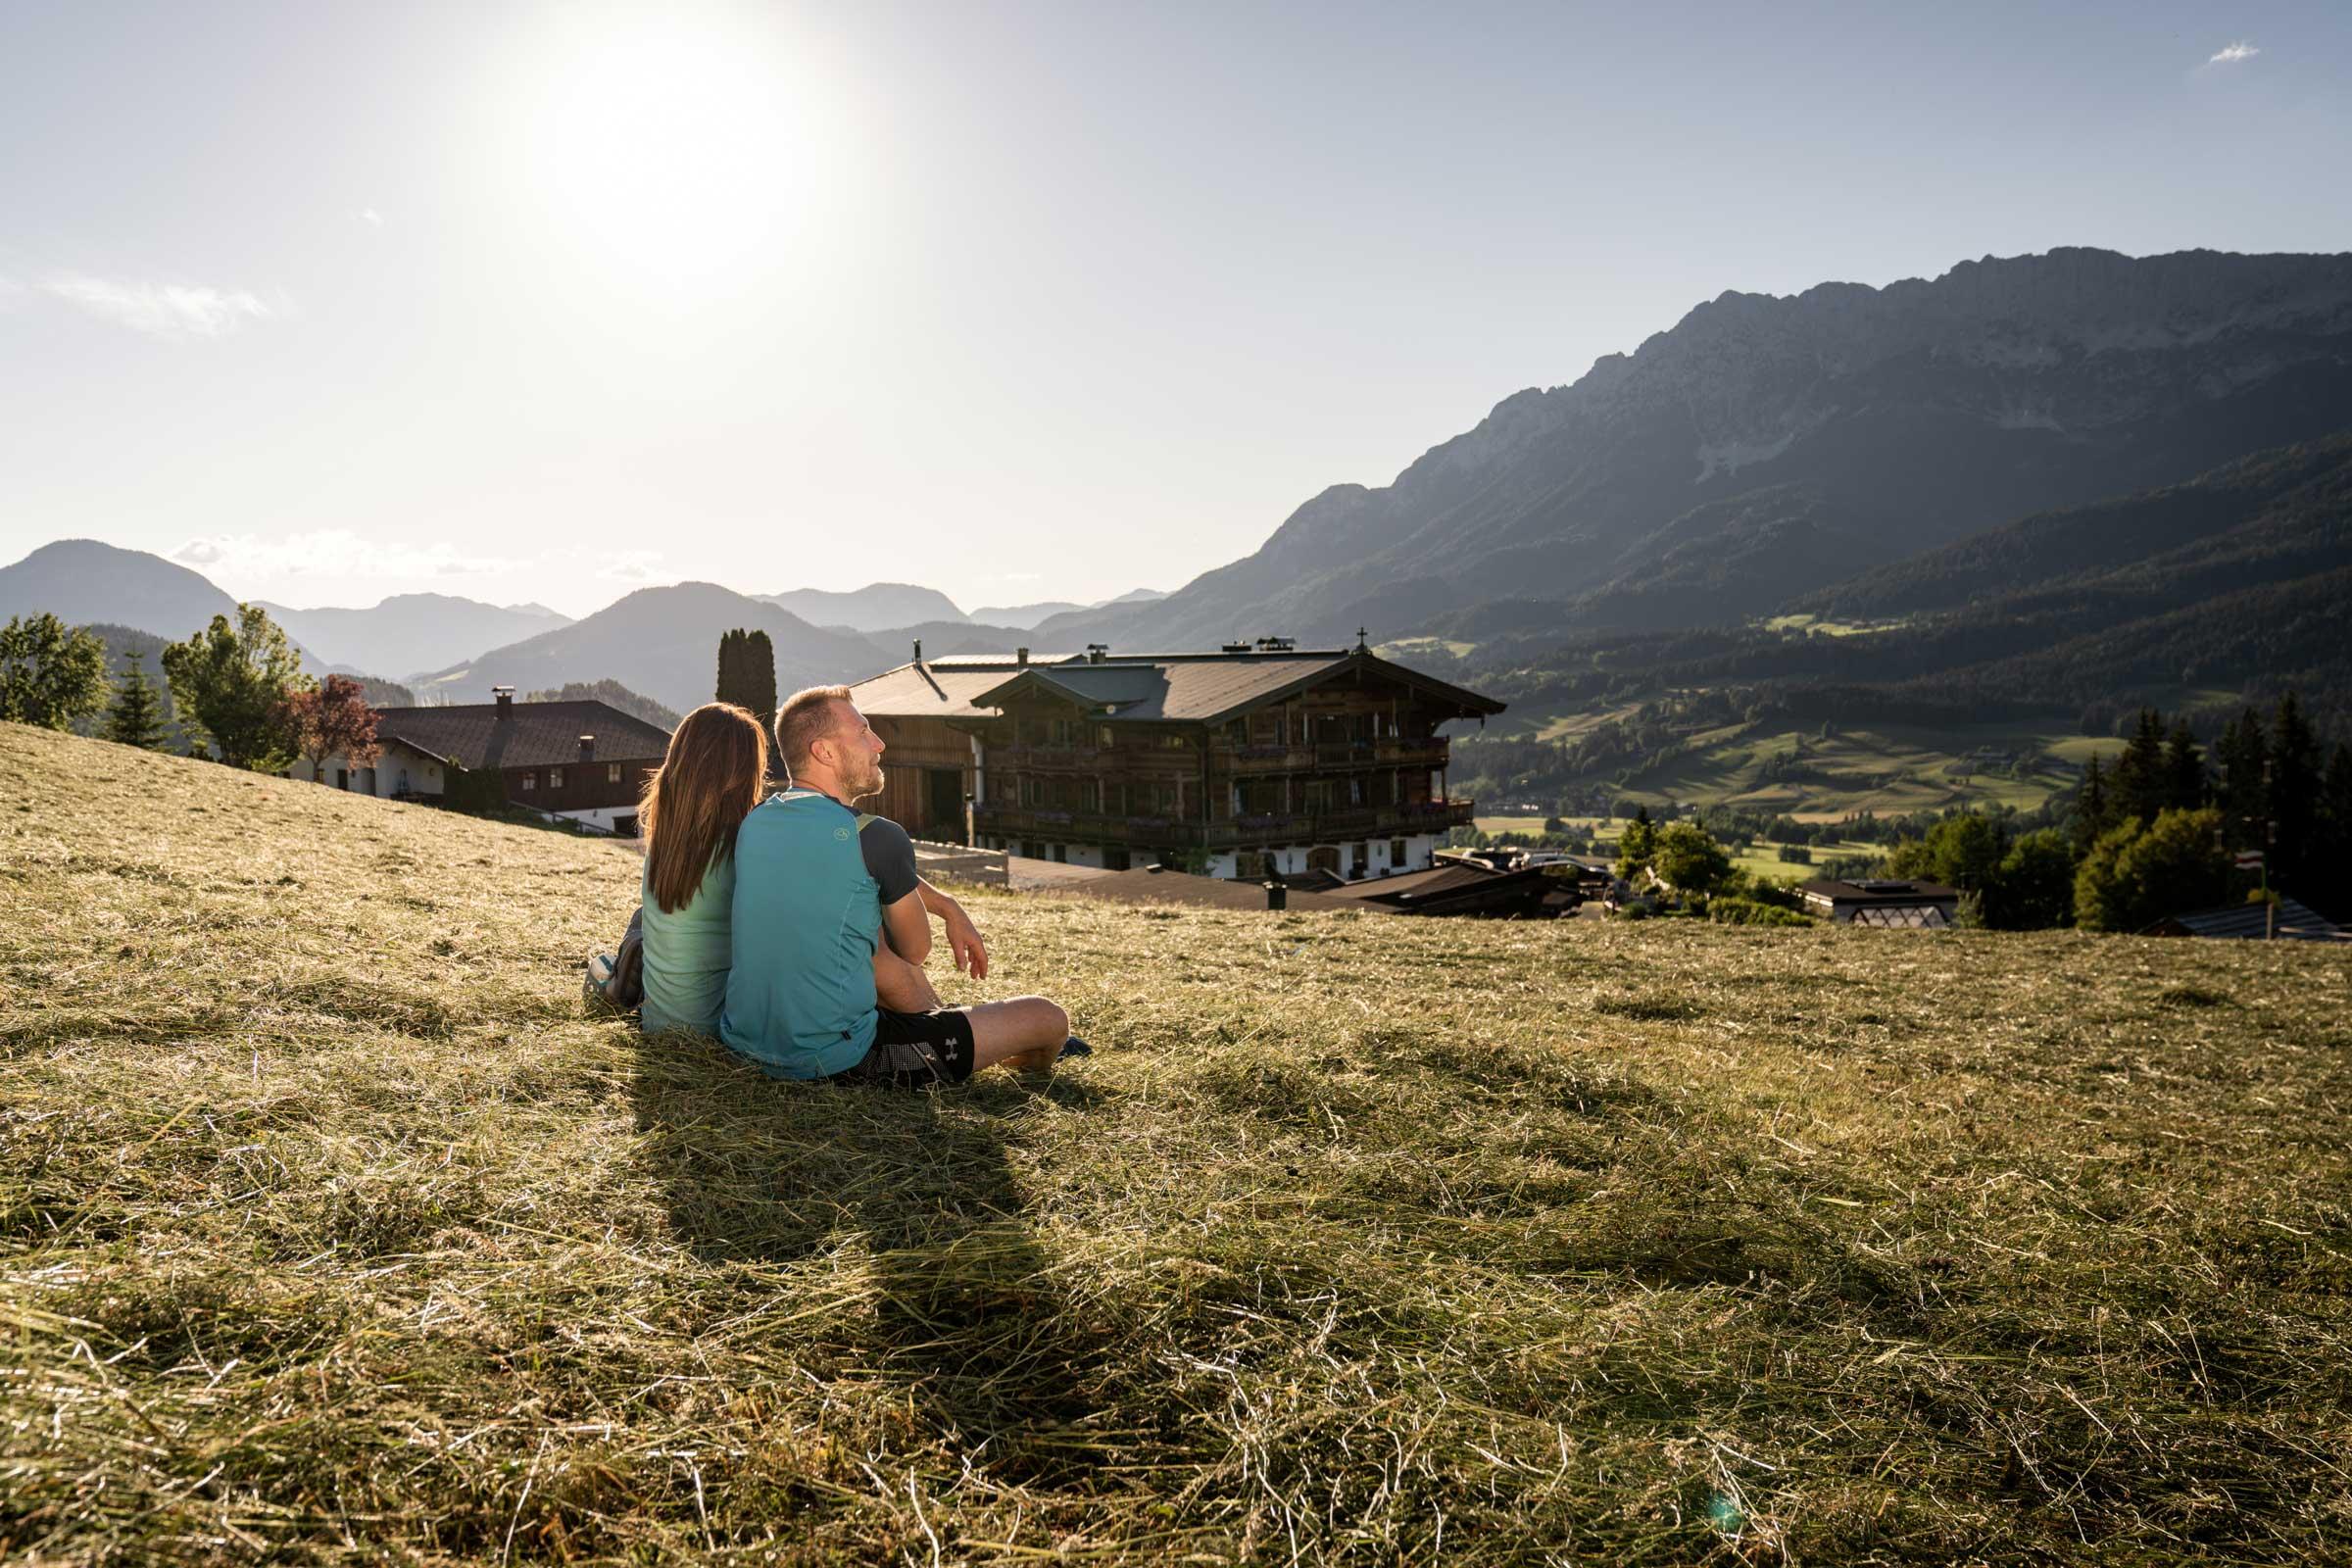 Urlauberpaar sitzt frisch gemähter Heuwiese etwas oberhalb des Naschberghofes und genießt den Ausblick auf den Wilden Kaisers.